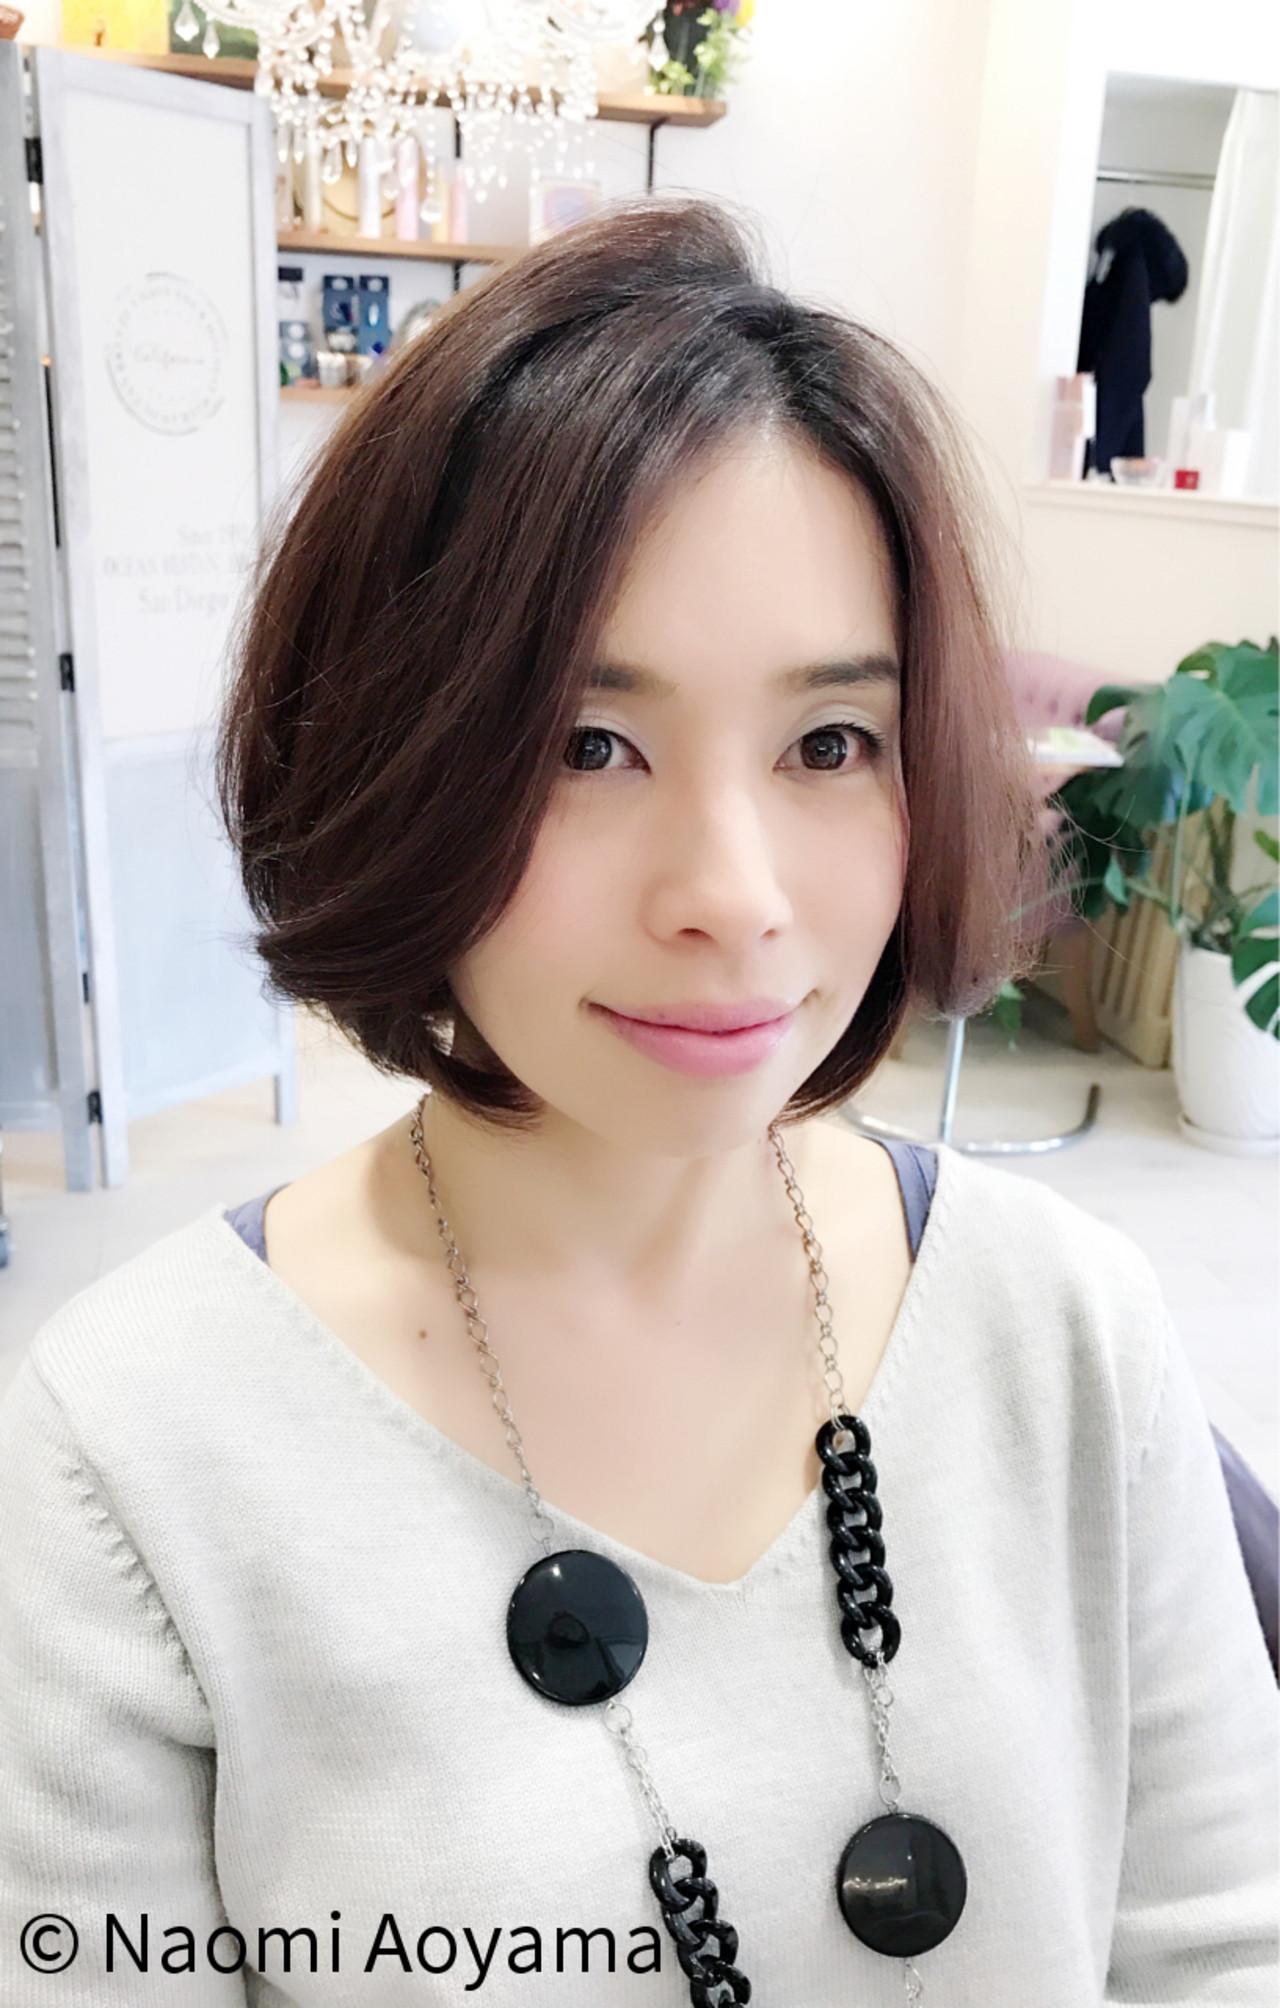 ナチュラル 上品 エレガント 大人女子 ヘアスタイルや髪型の写真・画像 | Nao / fresca